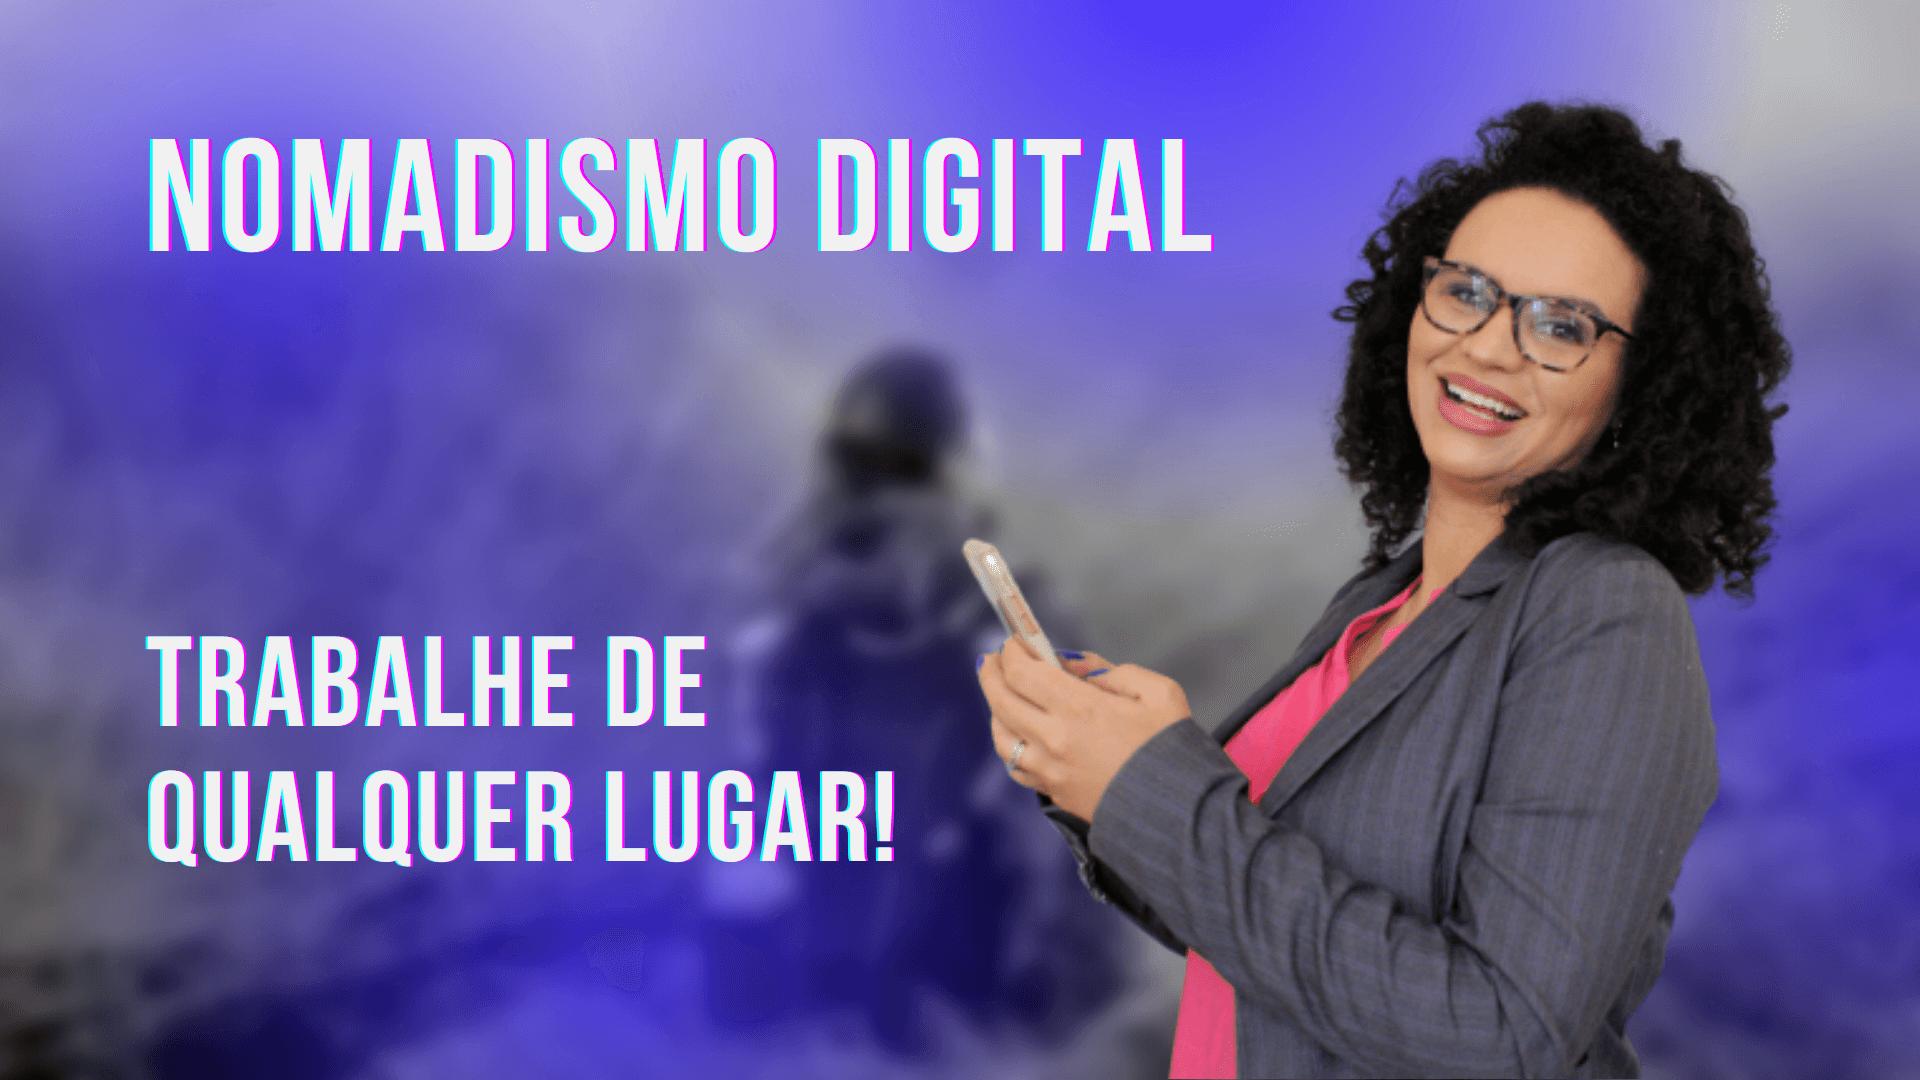 O que é Nomadismo Digital ?